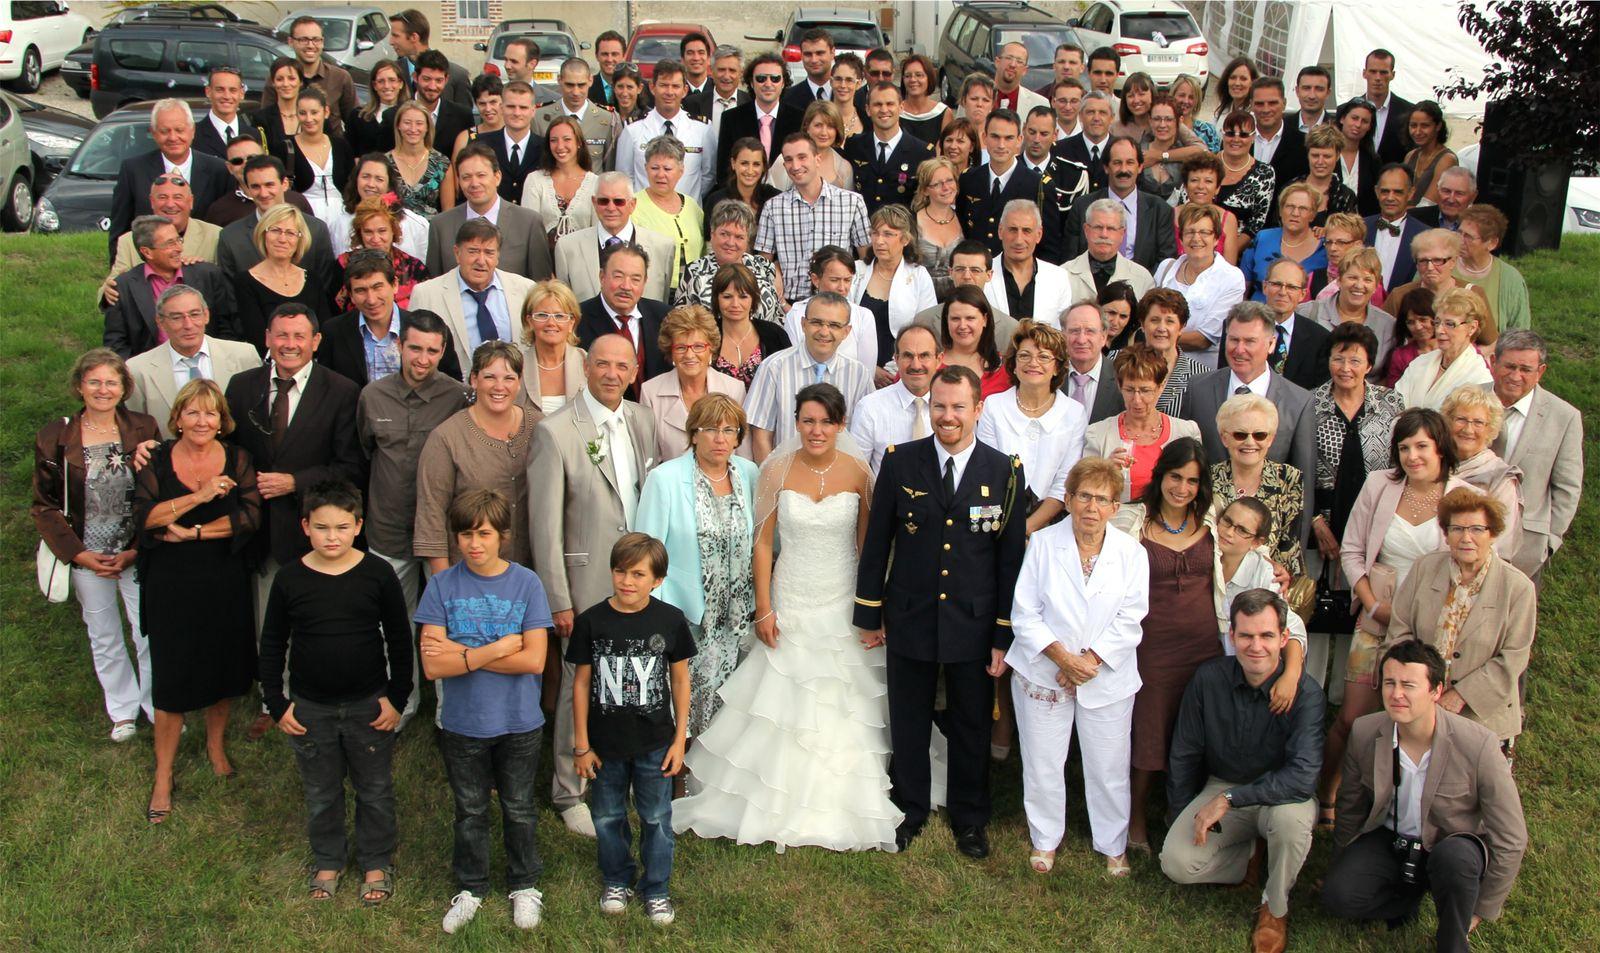 La mariée le 23 juillet